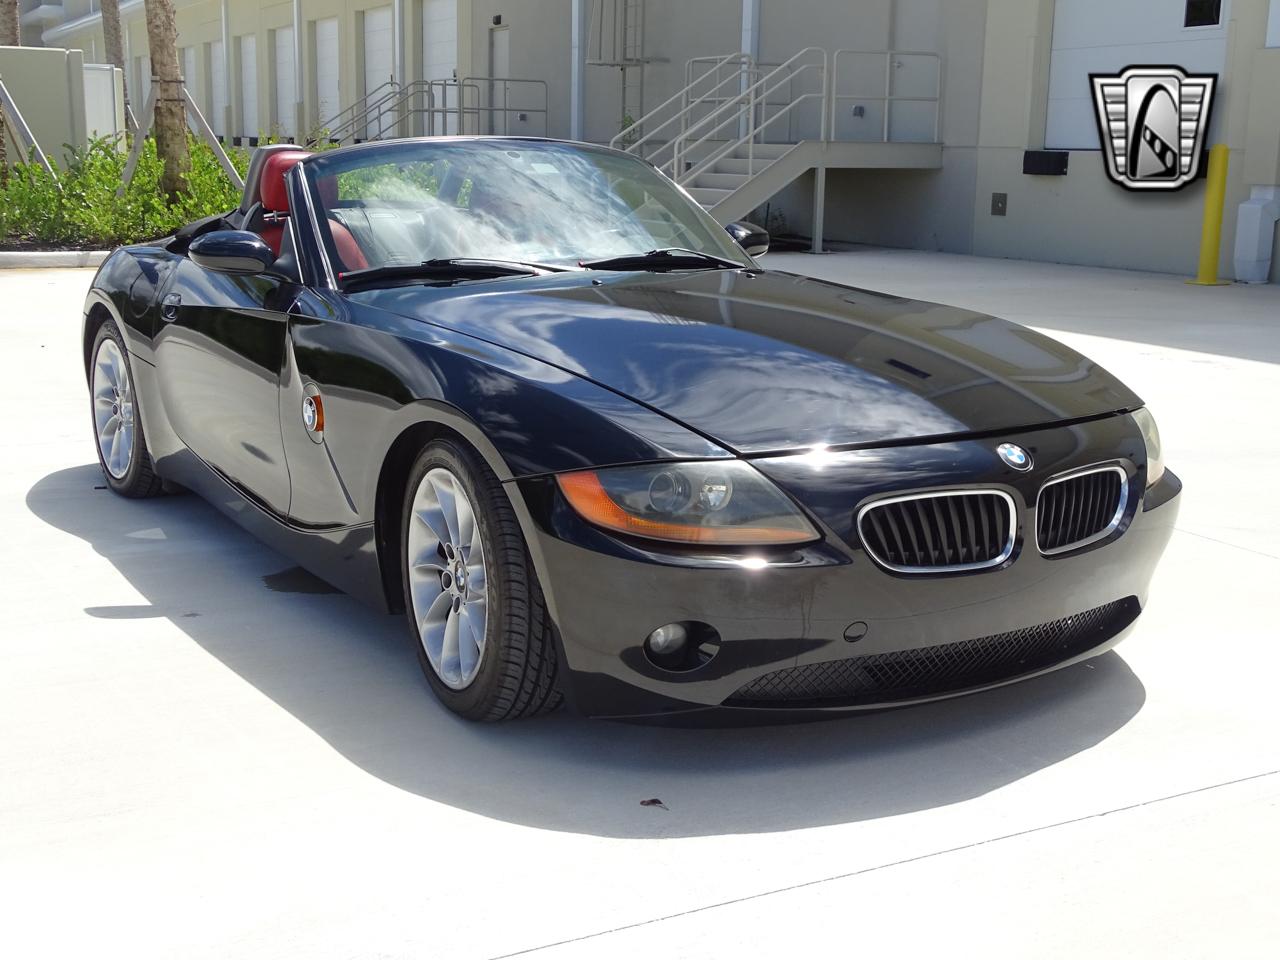 2003 BMW Z4 11